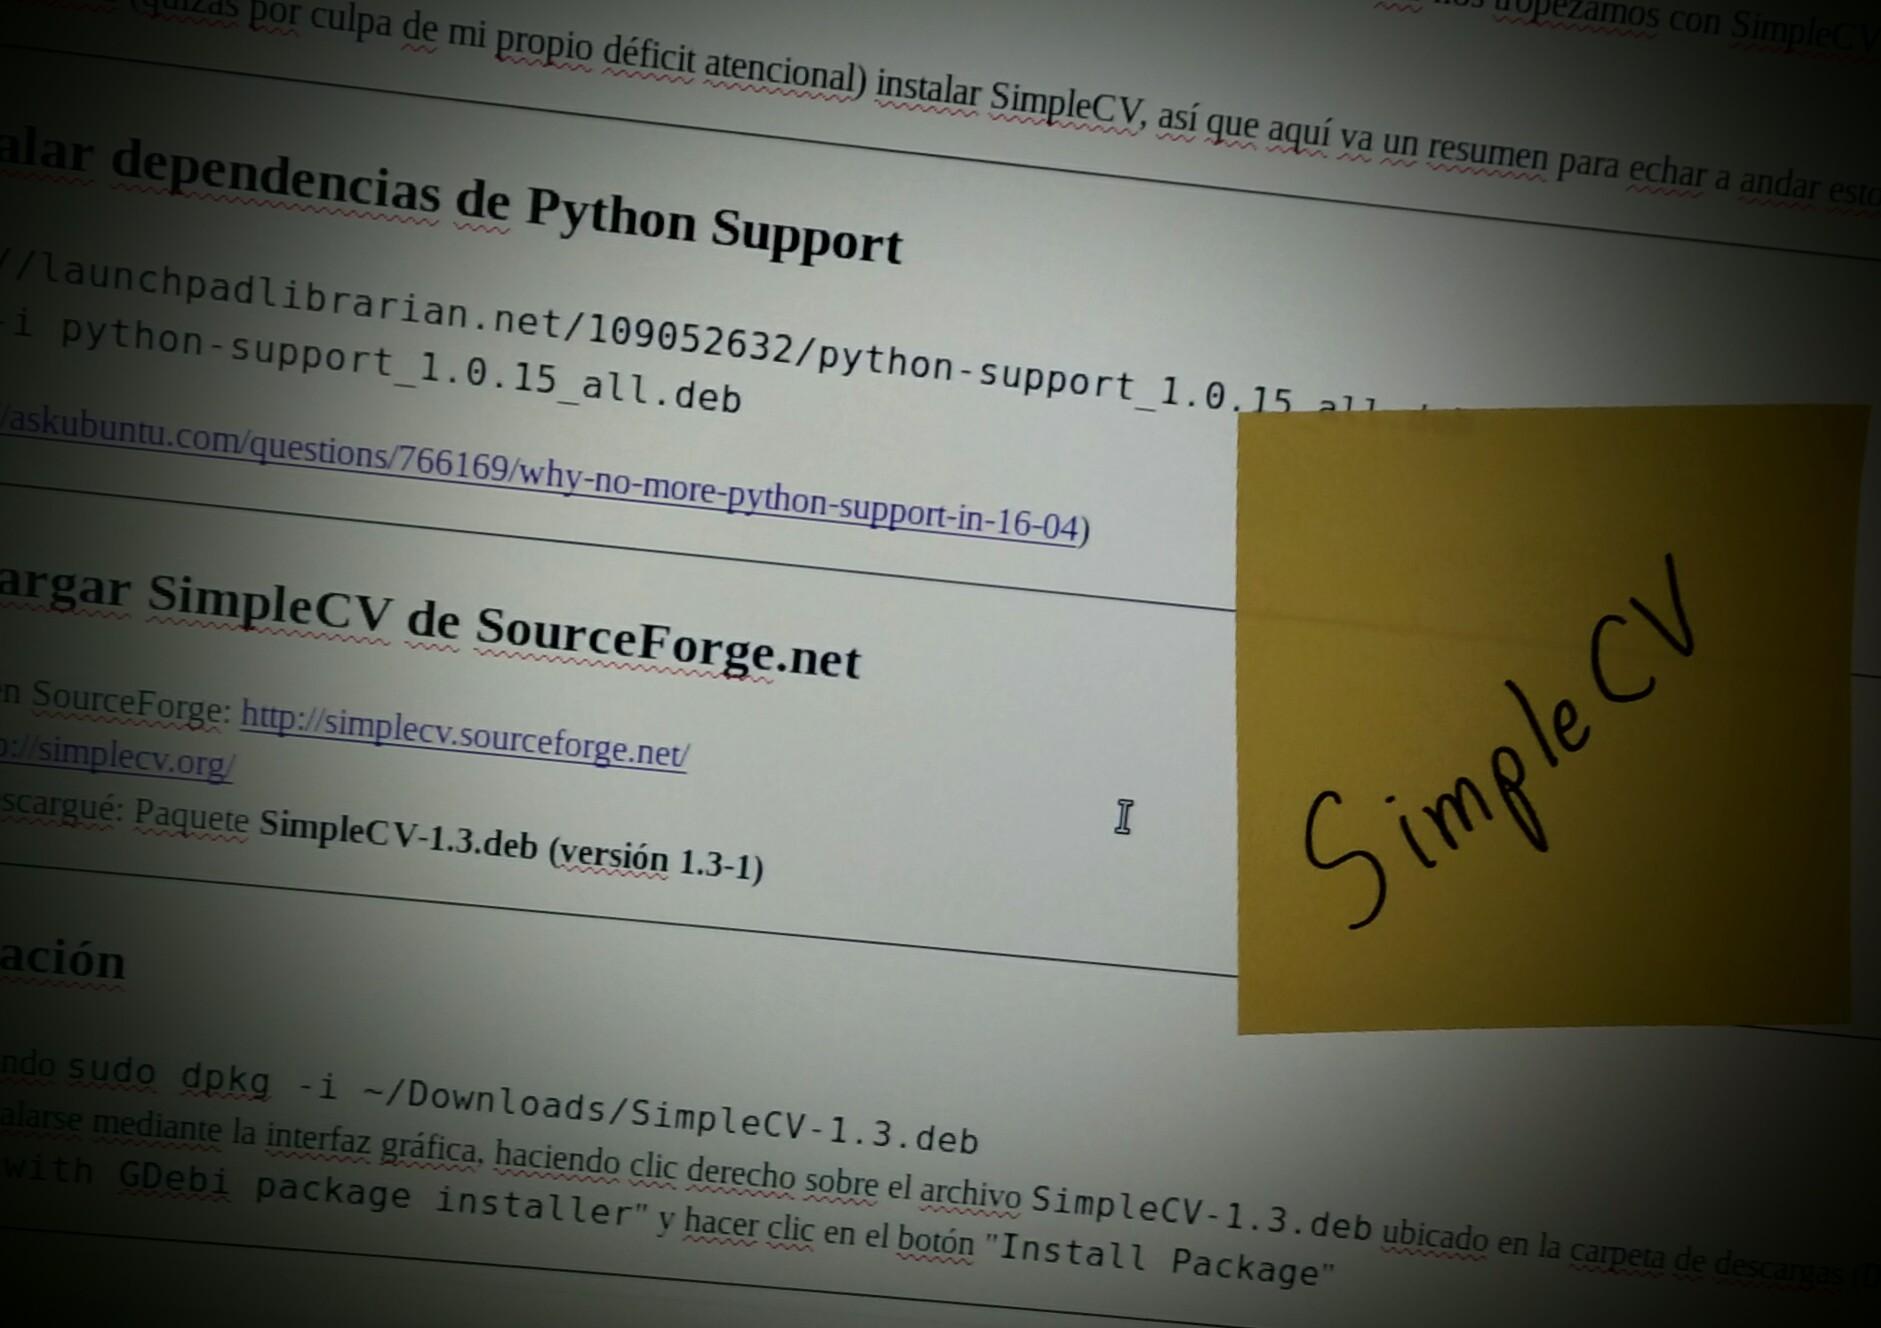 Iniciemos con SimpleCV en 5 minutos en Linux MINT 18 (Ubuntu 16.04)